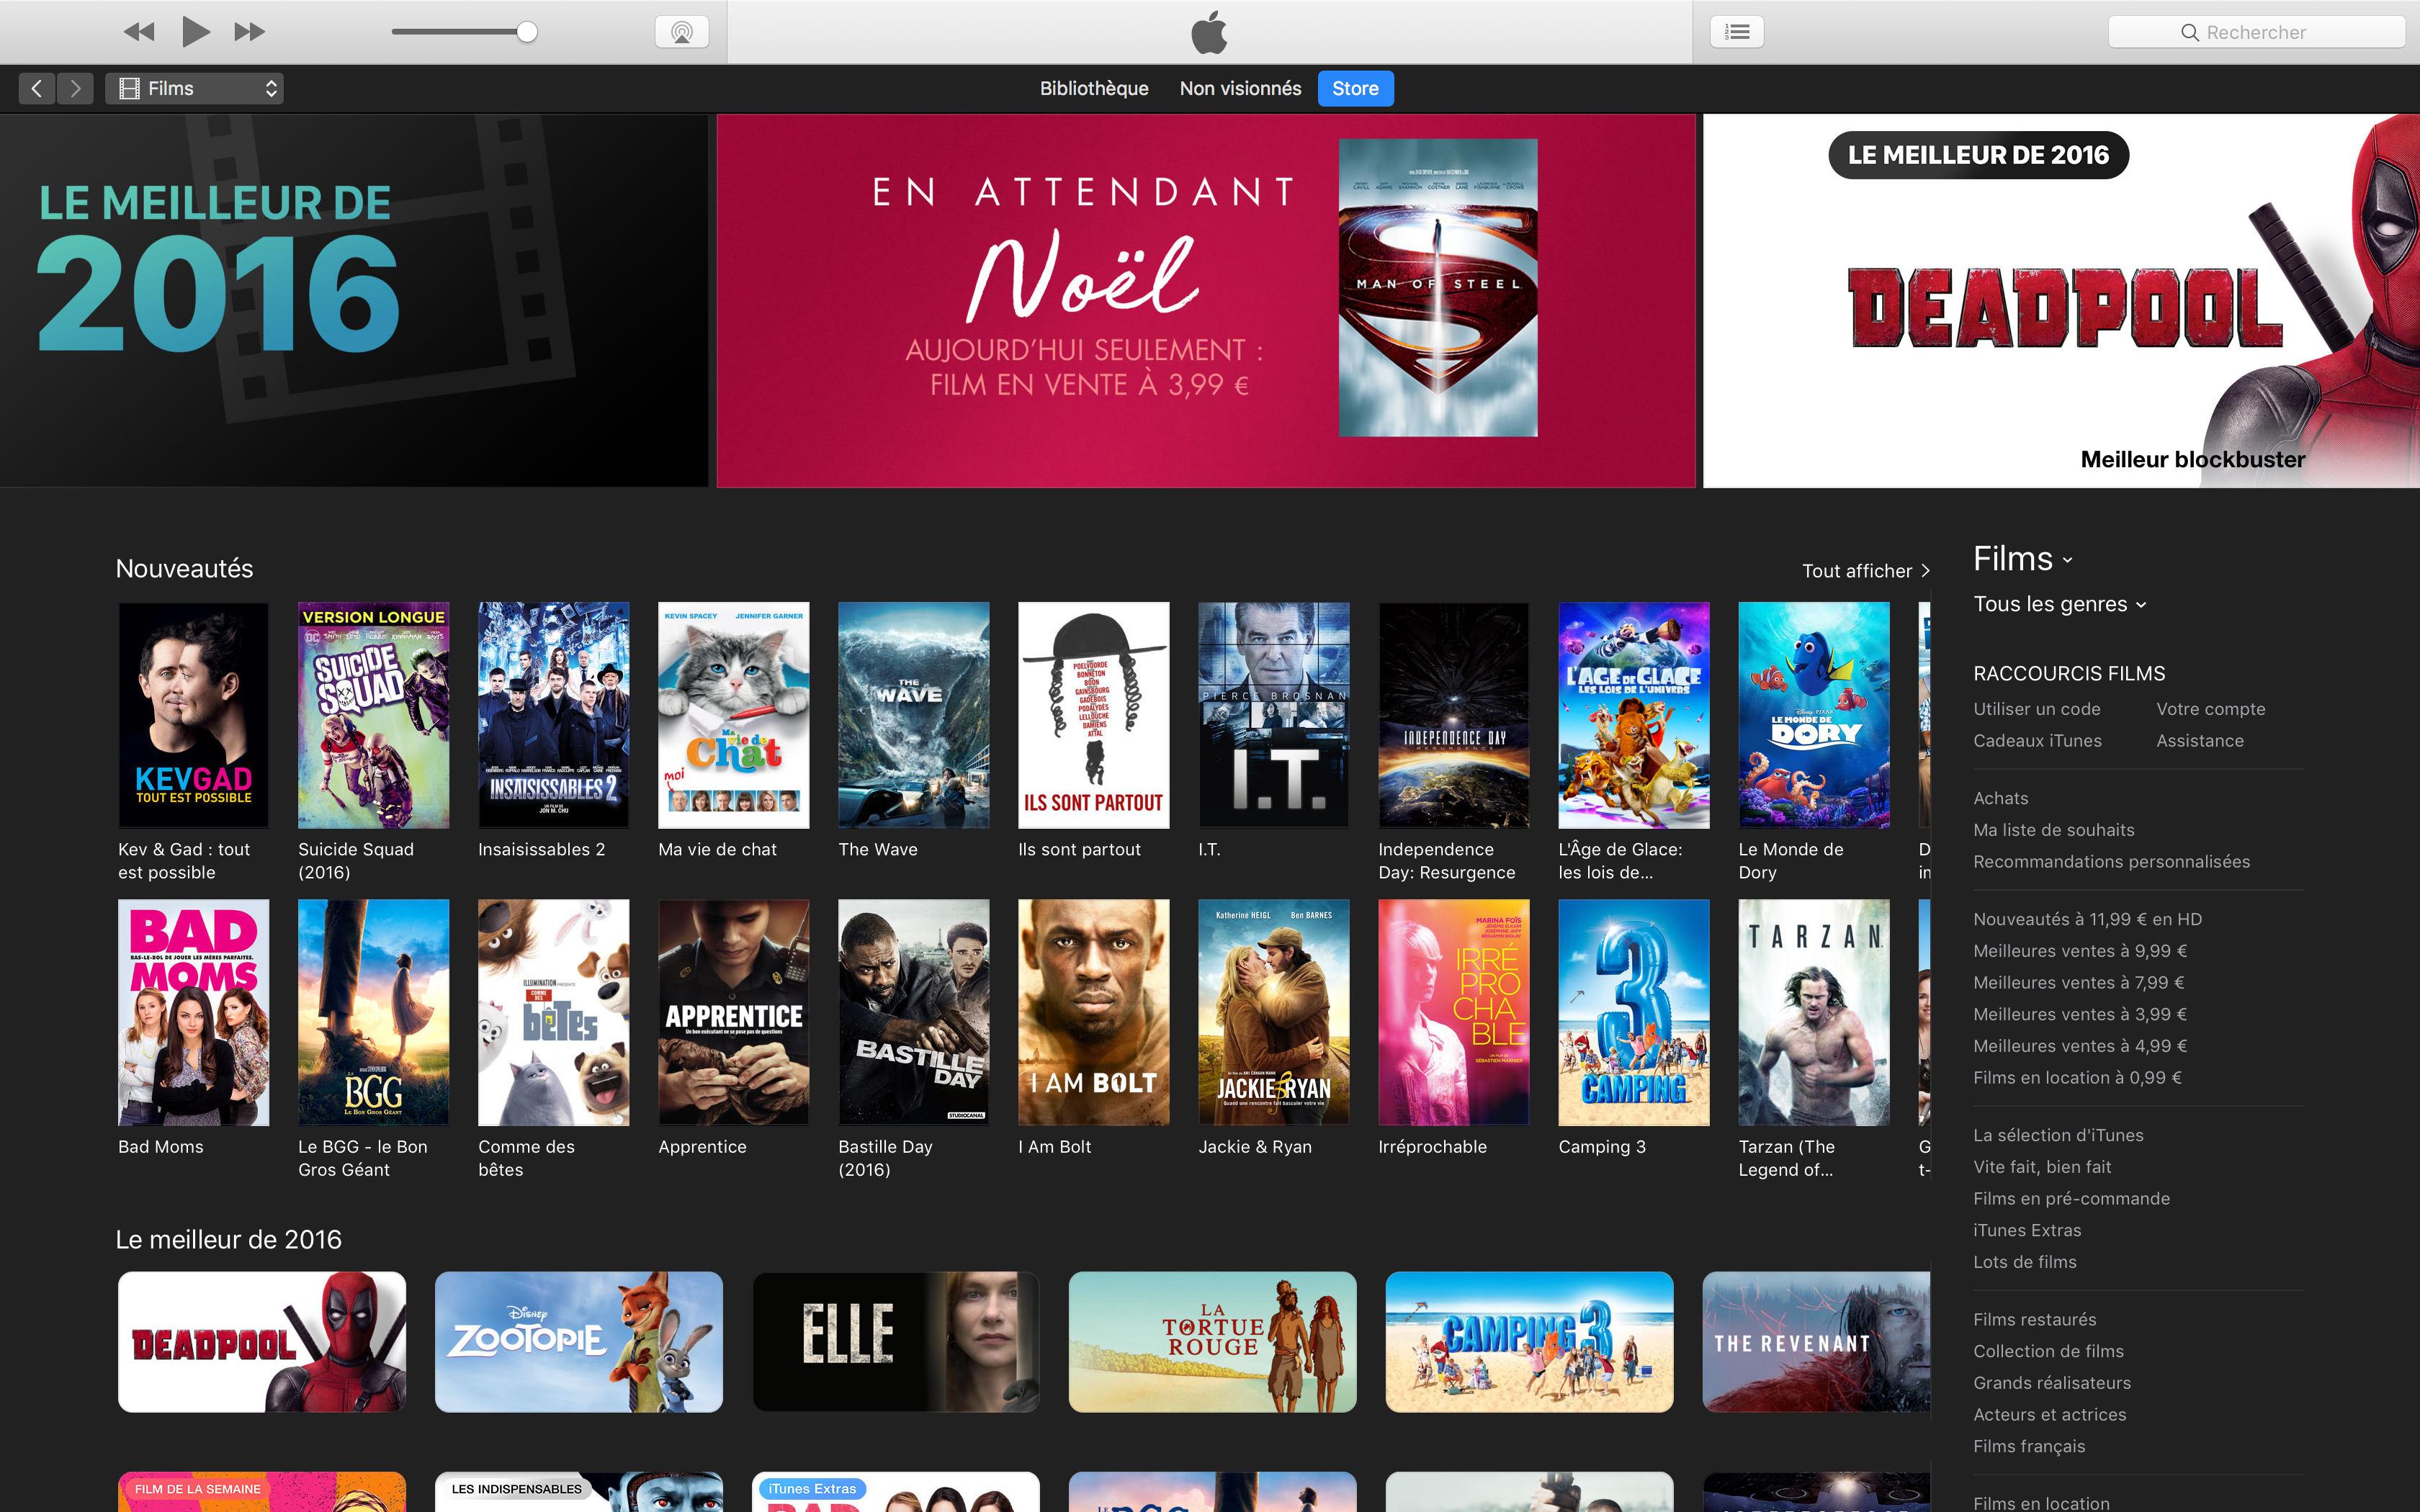 iTunes Store va disparaître de l'Apple TV 1 et des PC